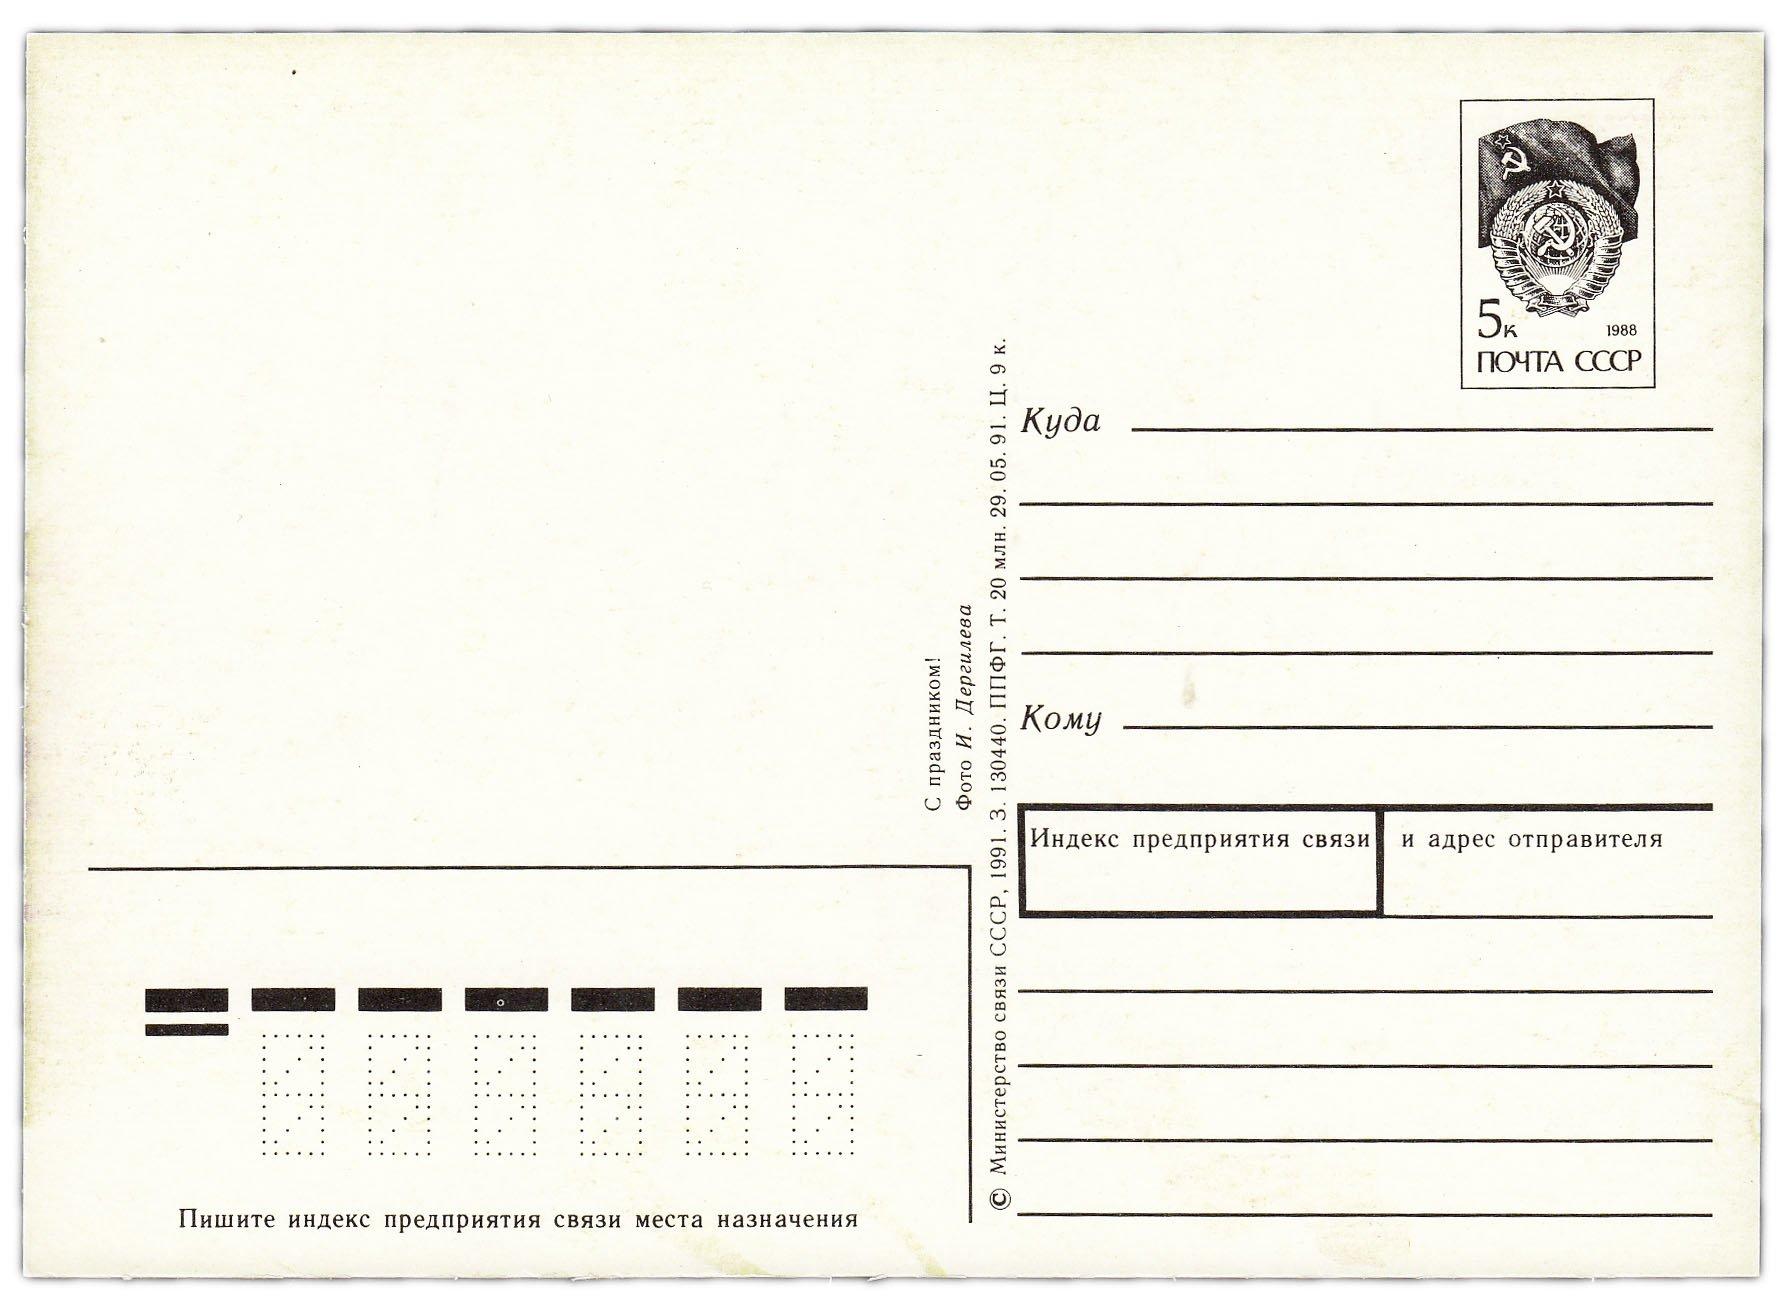 размер почтовой открытки стандарт ссср кремового или